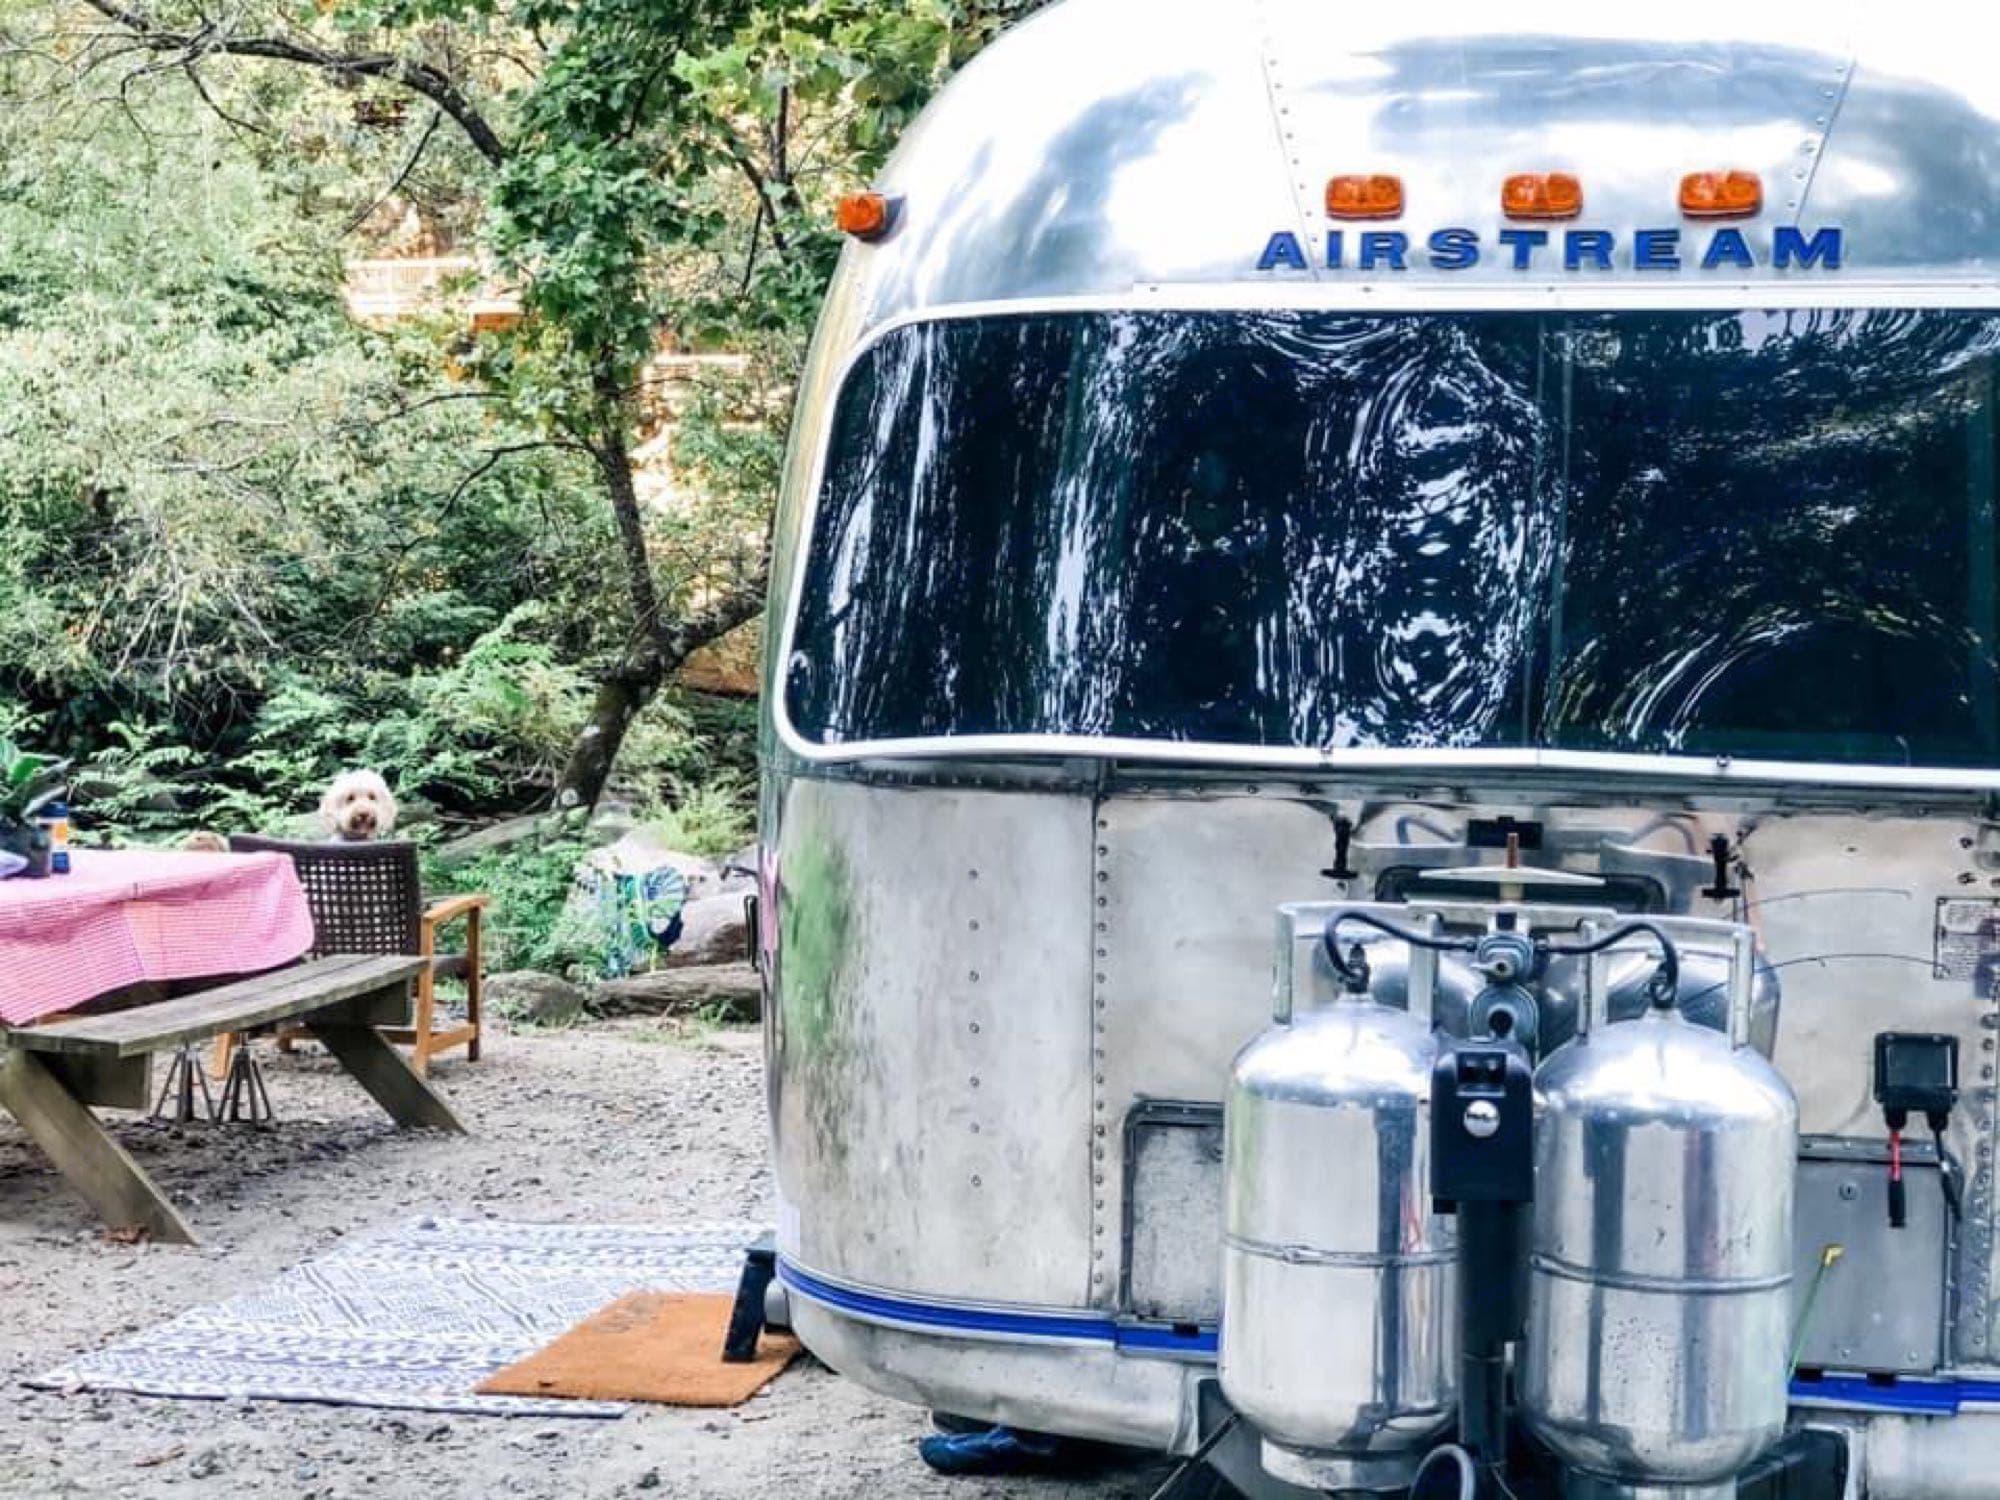 Airstream Ambassador 1977